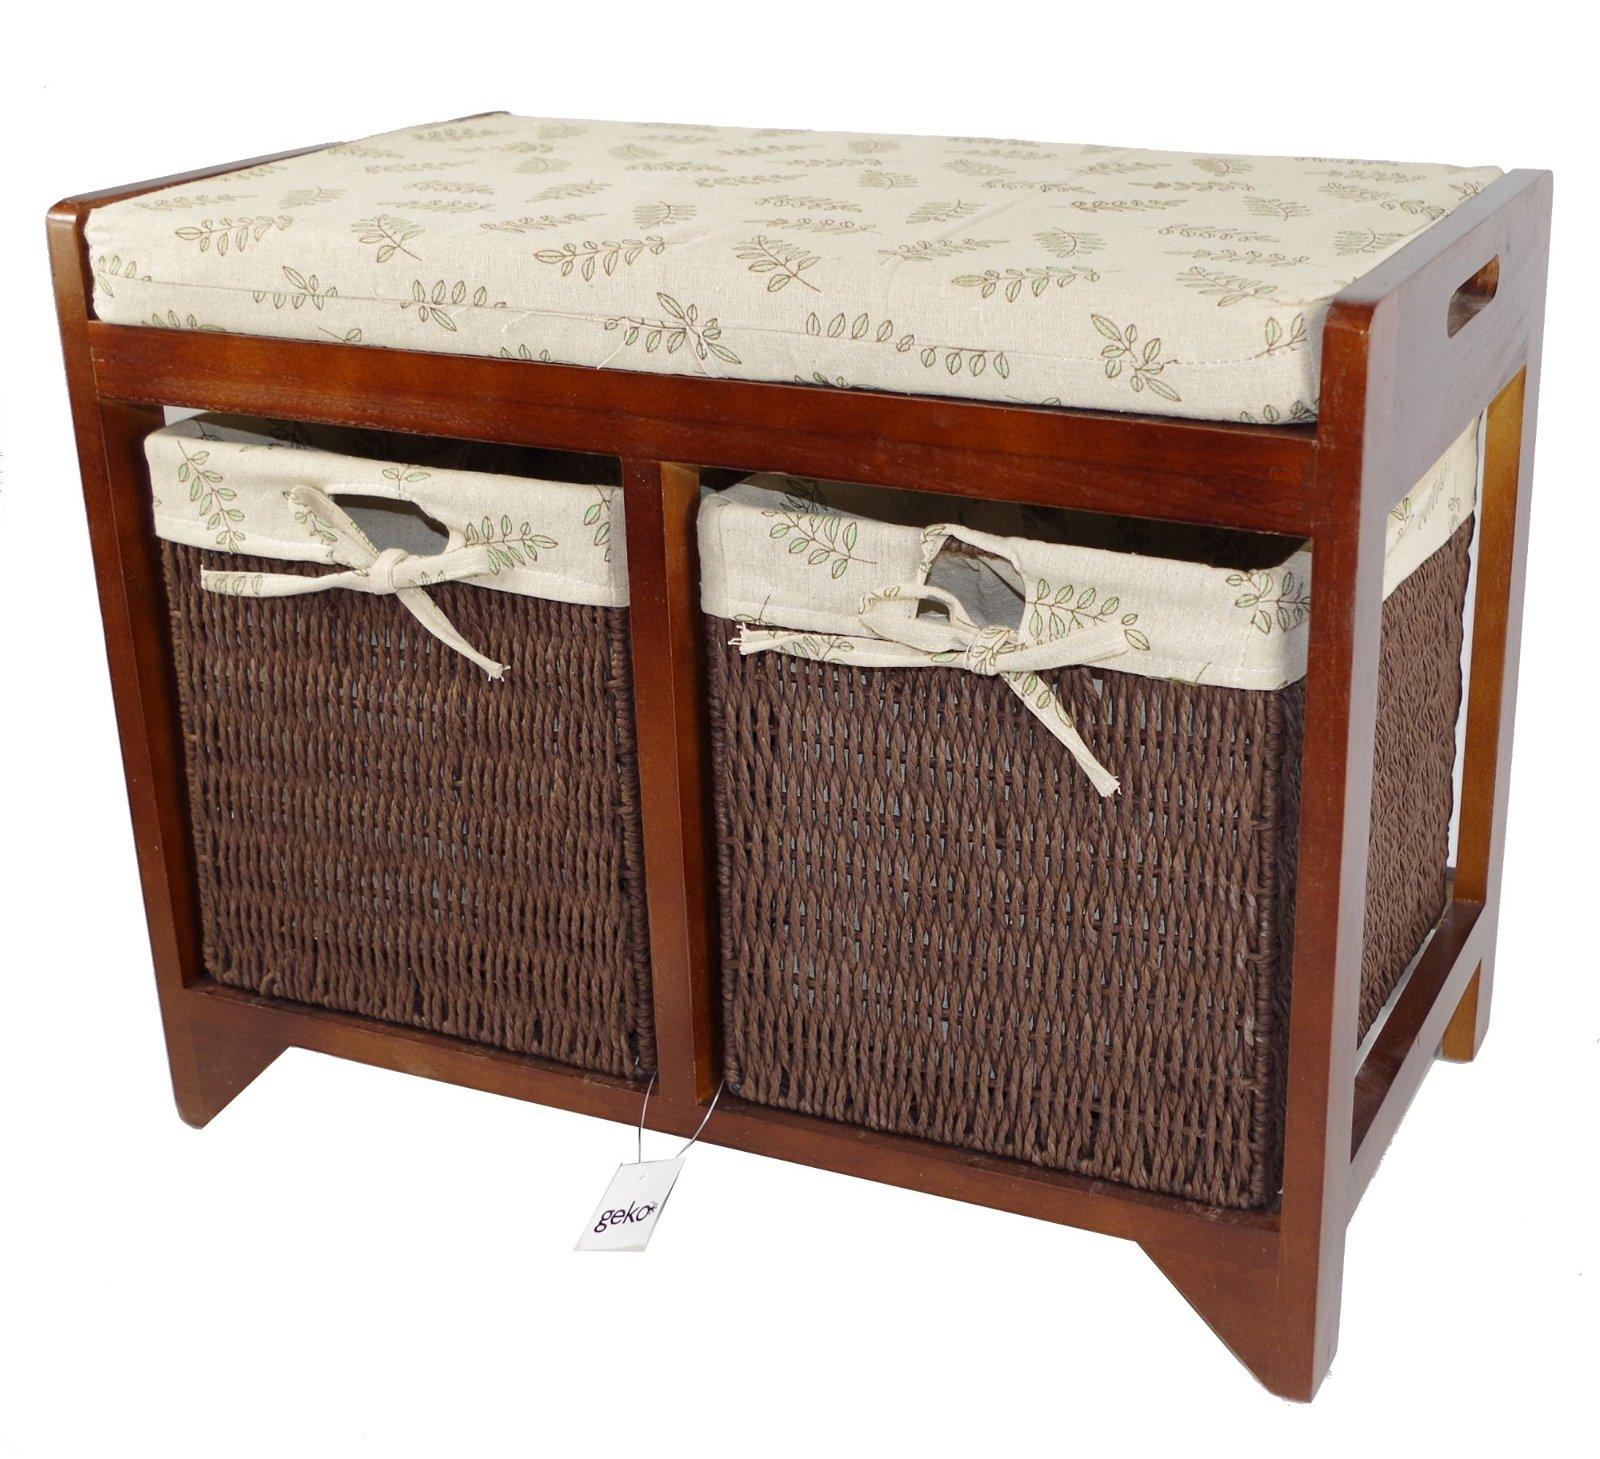 Cambourne Wooden Storage Bench 58 x 34 x 45cm